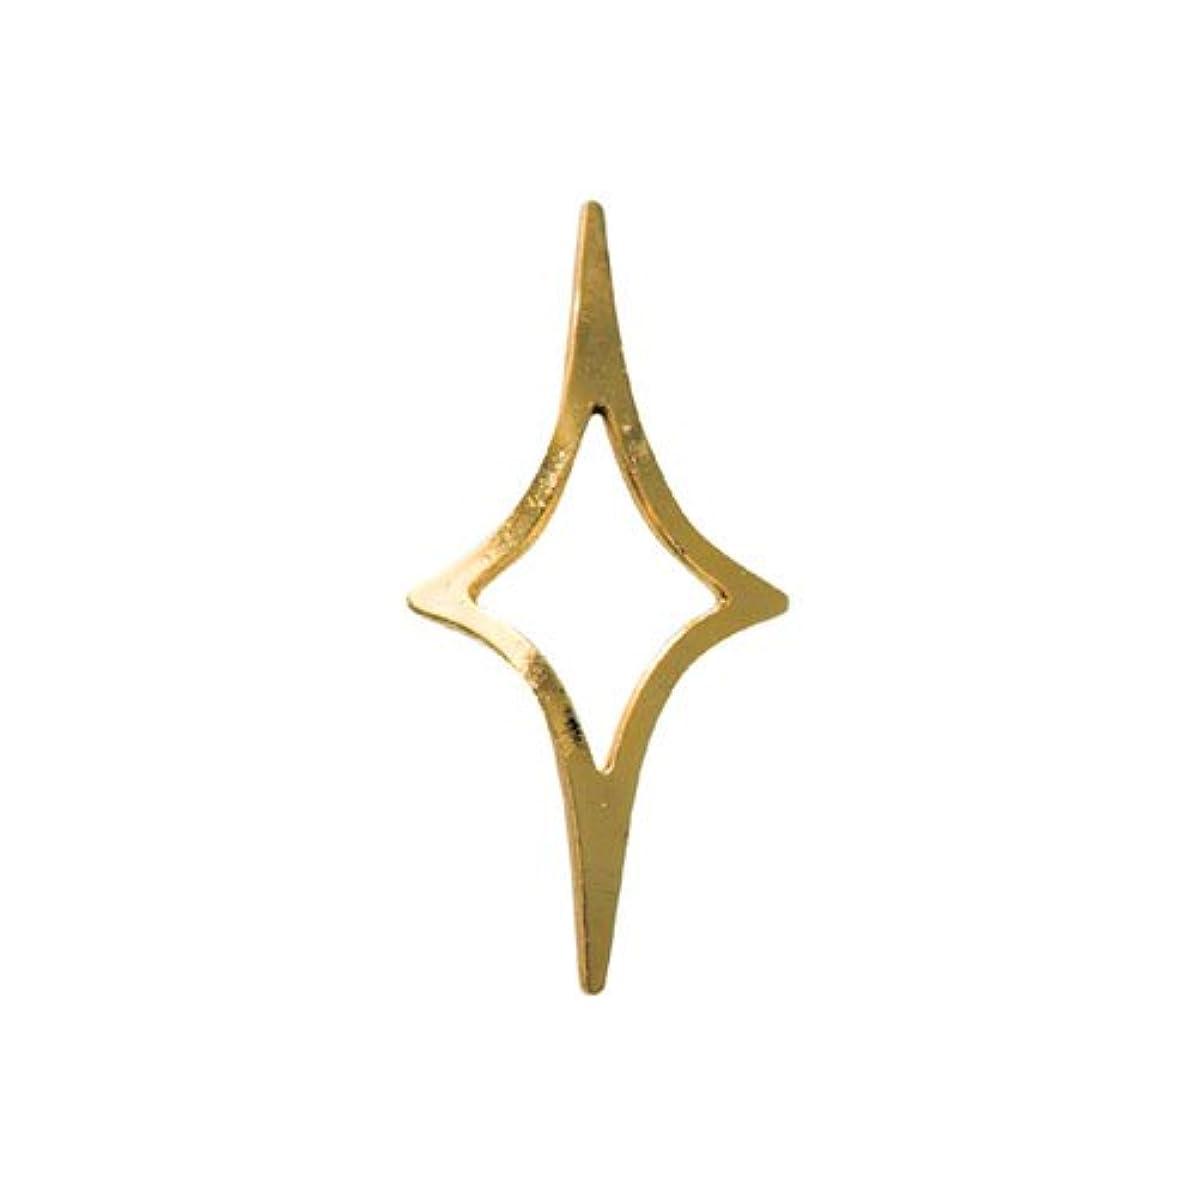 暗黙溶接極めて重要なリトルプリティー ネイルアートパーツ キラキラ2 3S ゴールド 20個